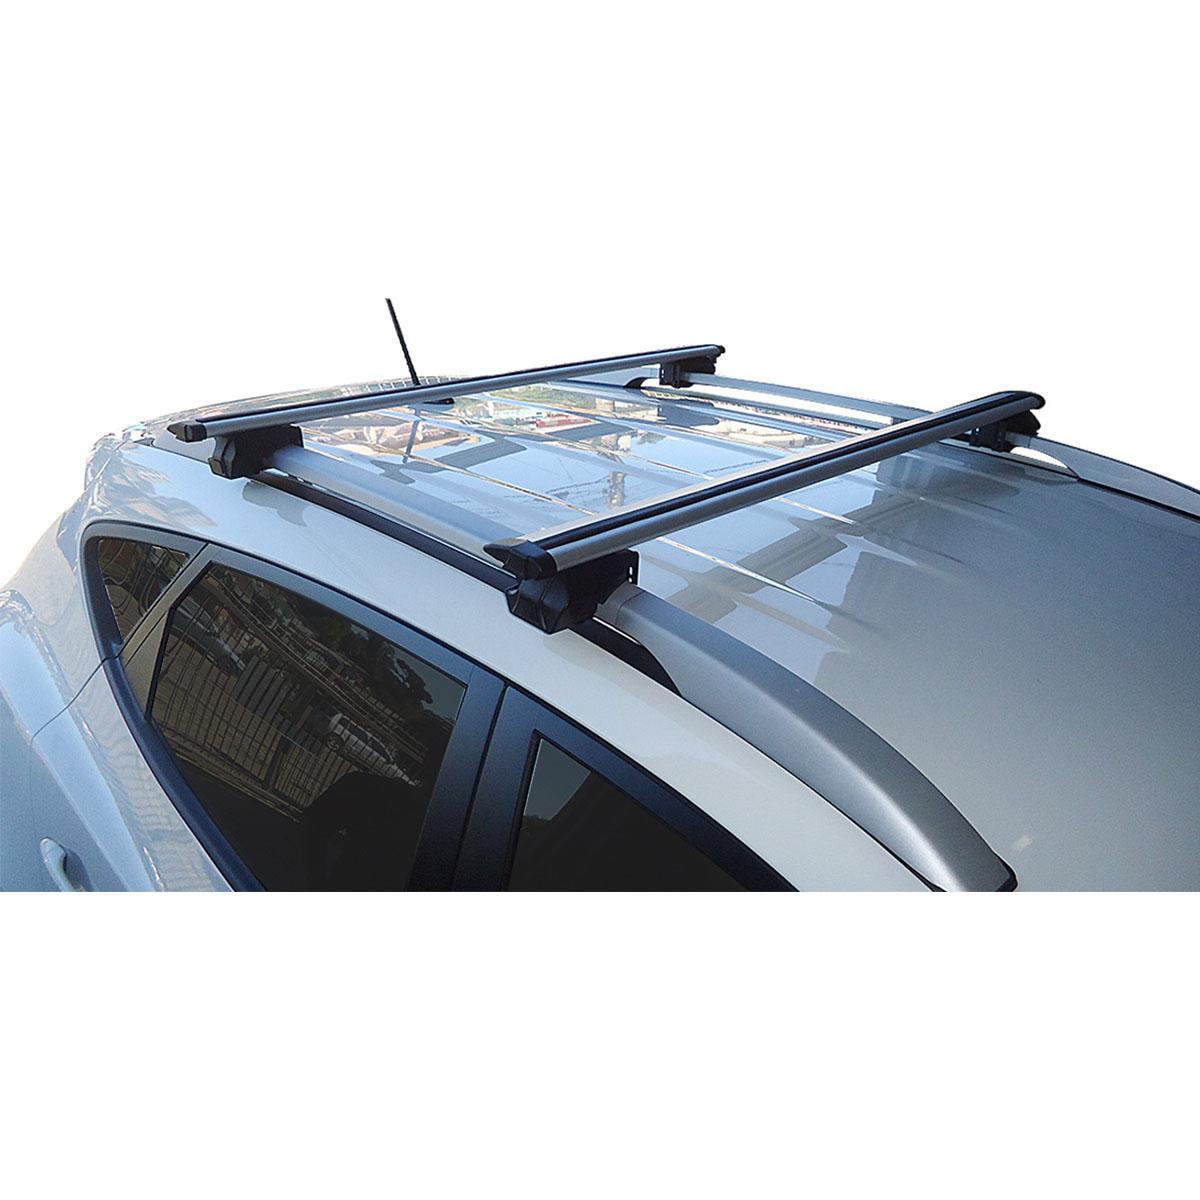 Travessa rack de teto Procargo J6 2010 a 2016 com trava de segurança